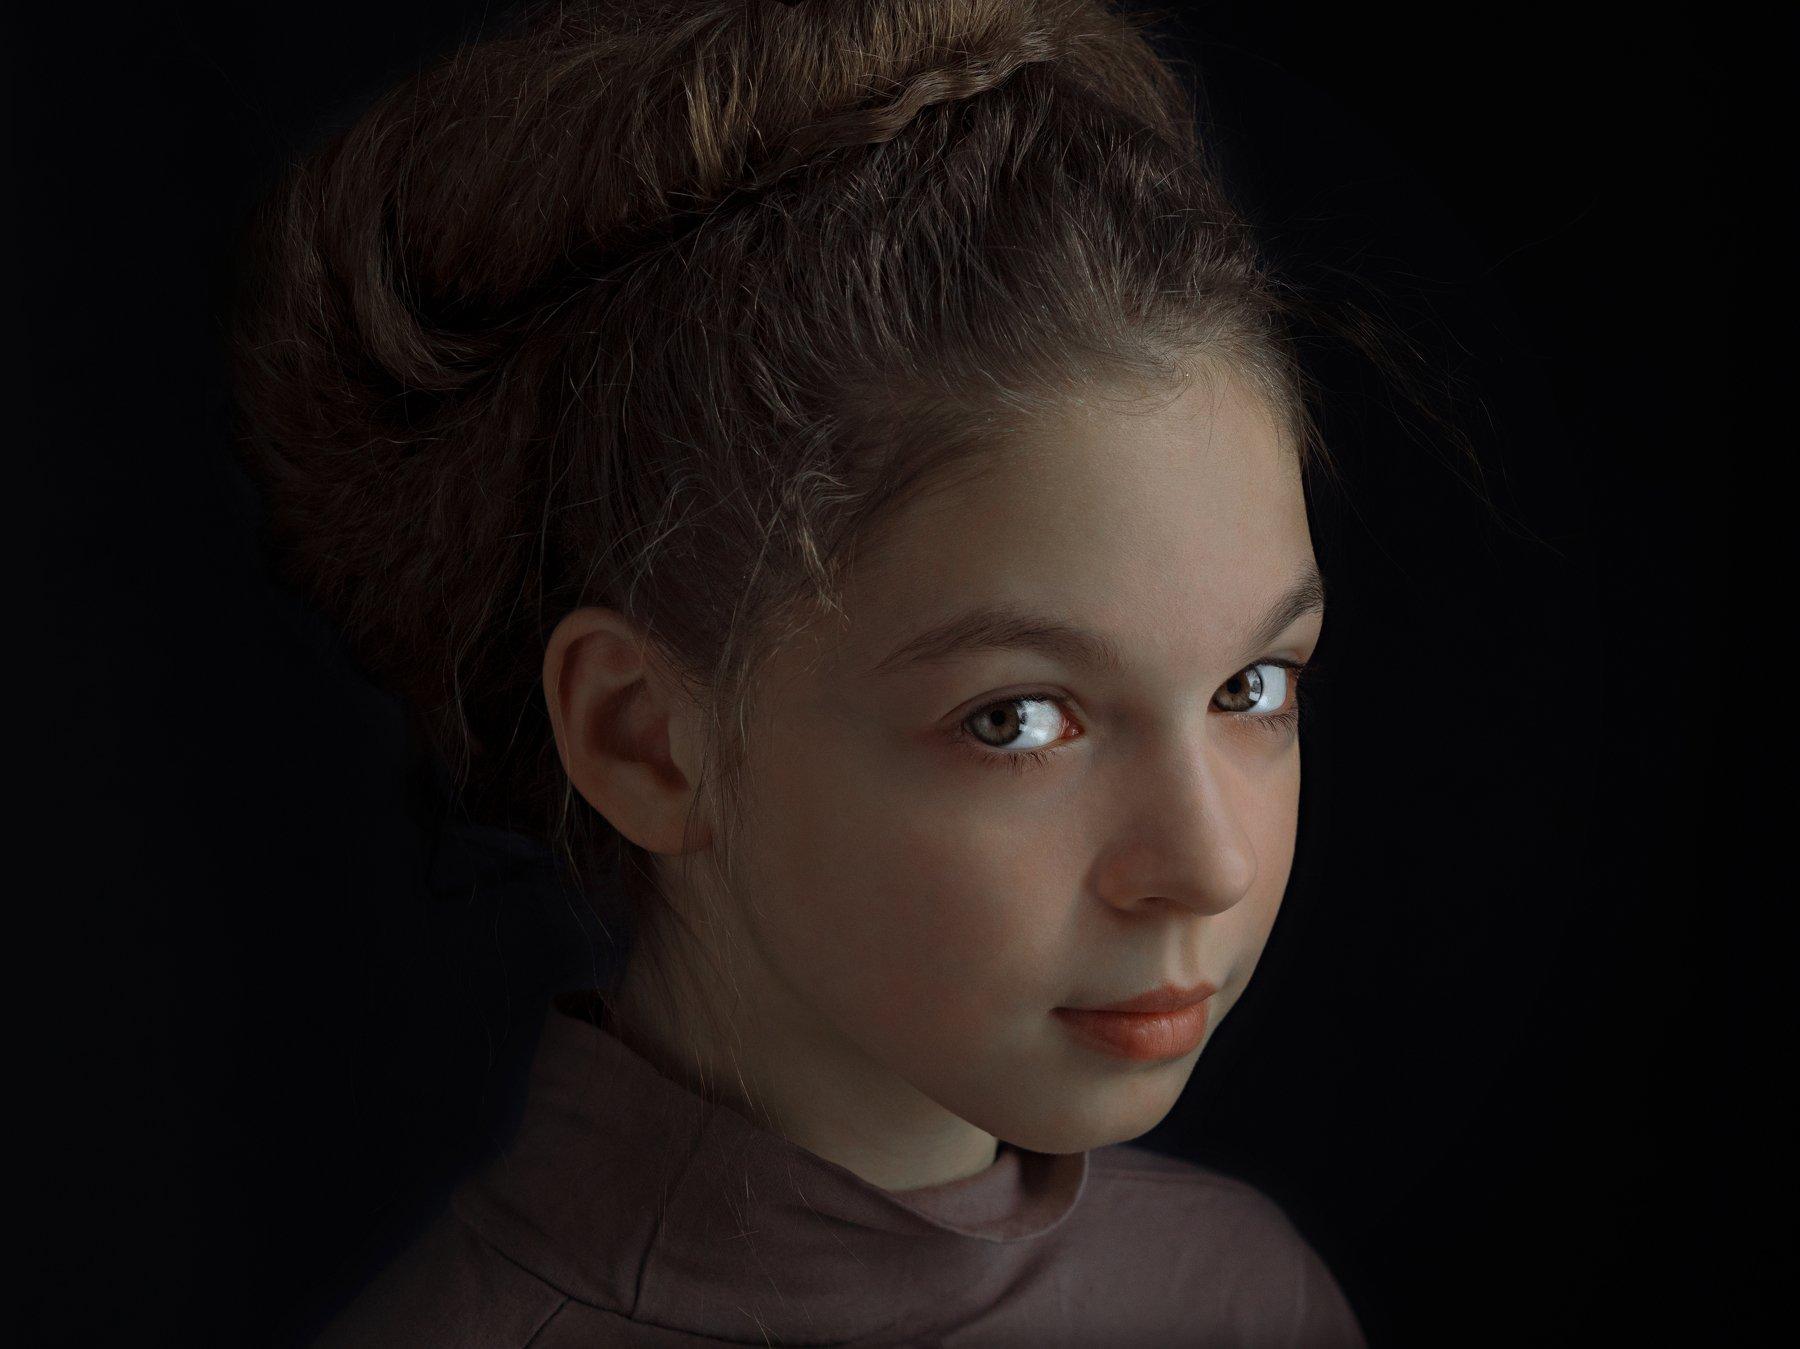 portrait, portraitphotographer, портрет, взгляд, детскийпортрет, портретнаясъемка, olympus, анна шацкая